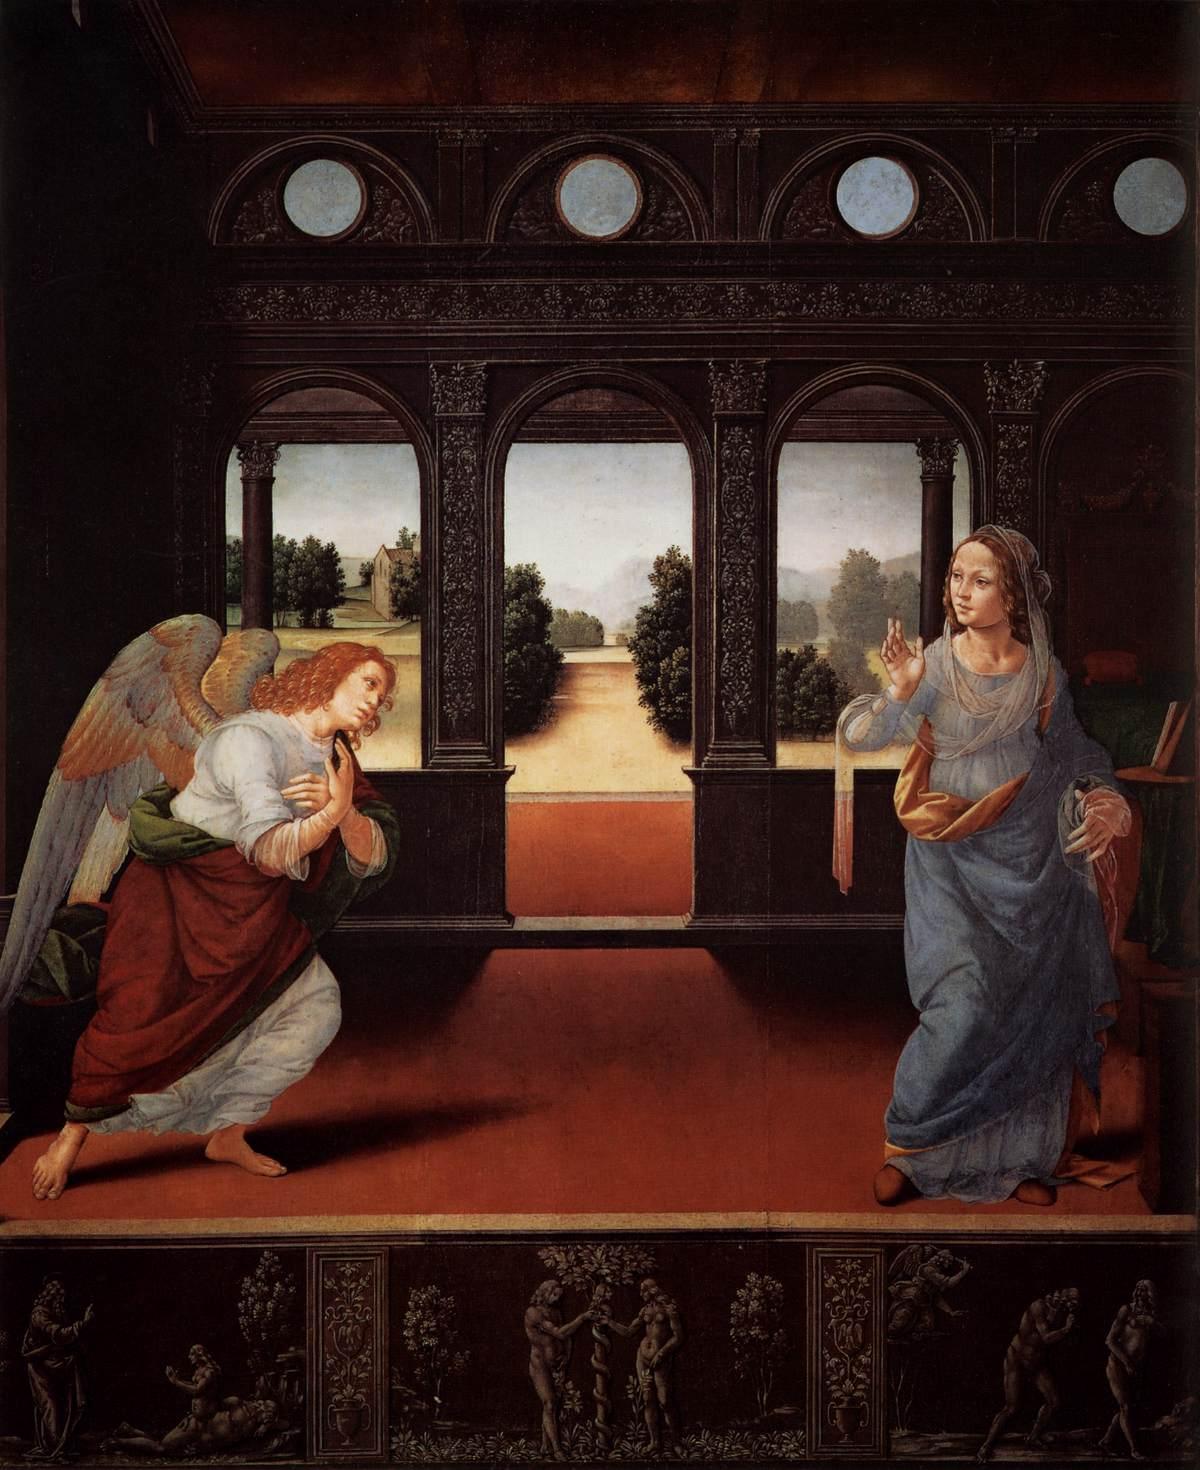 Lorenzo Di Credi (Italy, 1458-1537), The Annunciation c.1480-85, oil on wood, 35 x 28 in, Galleria degli Uffizi, Florence